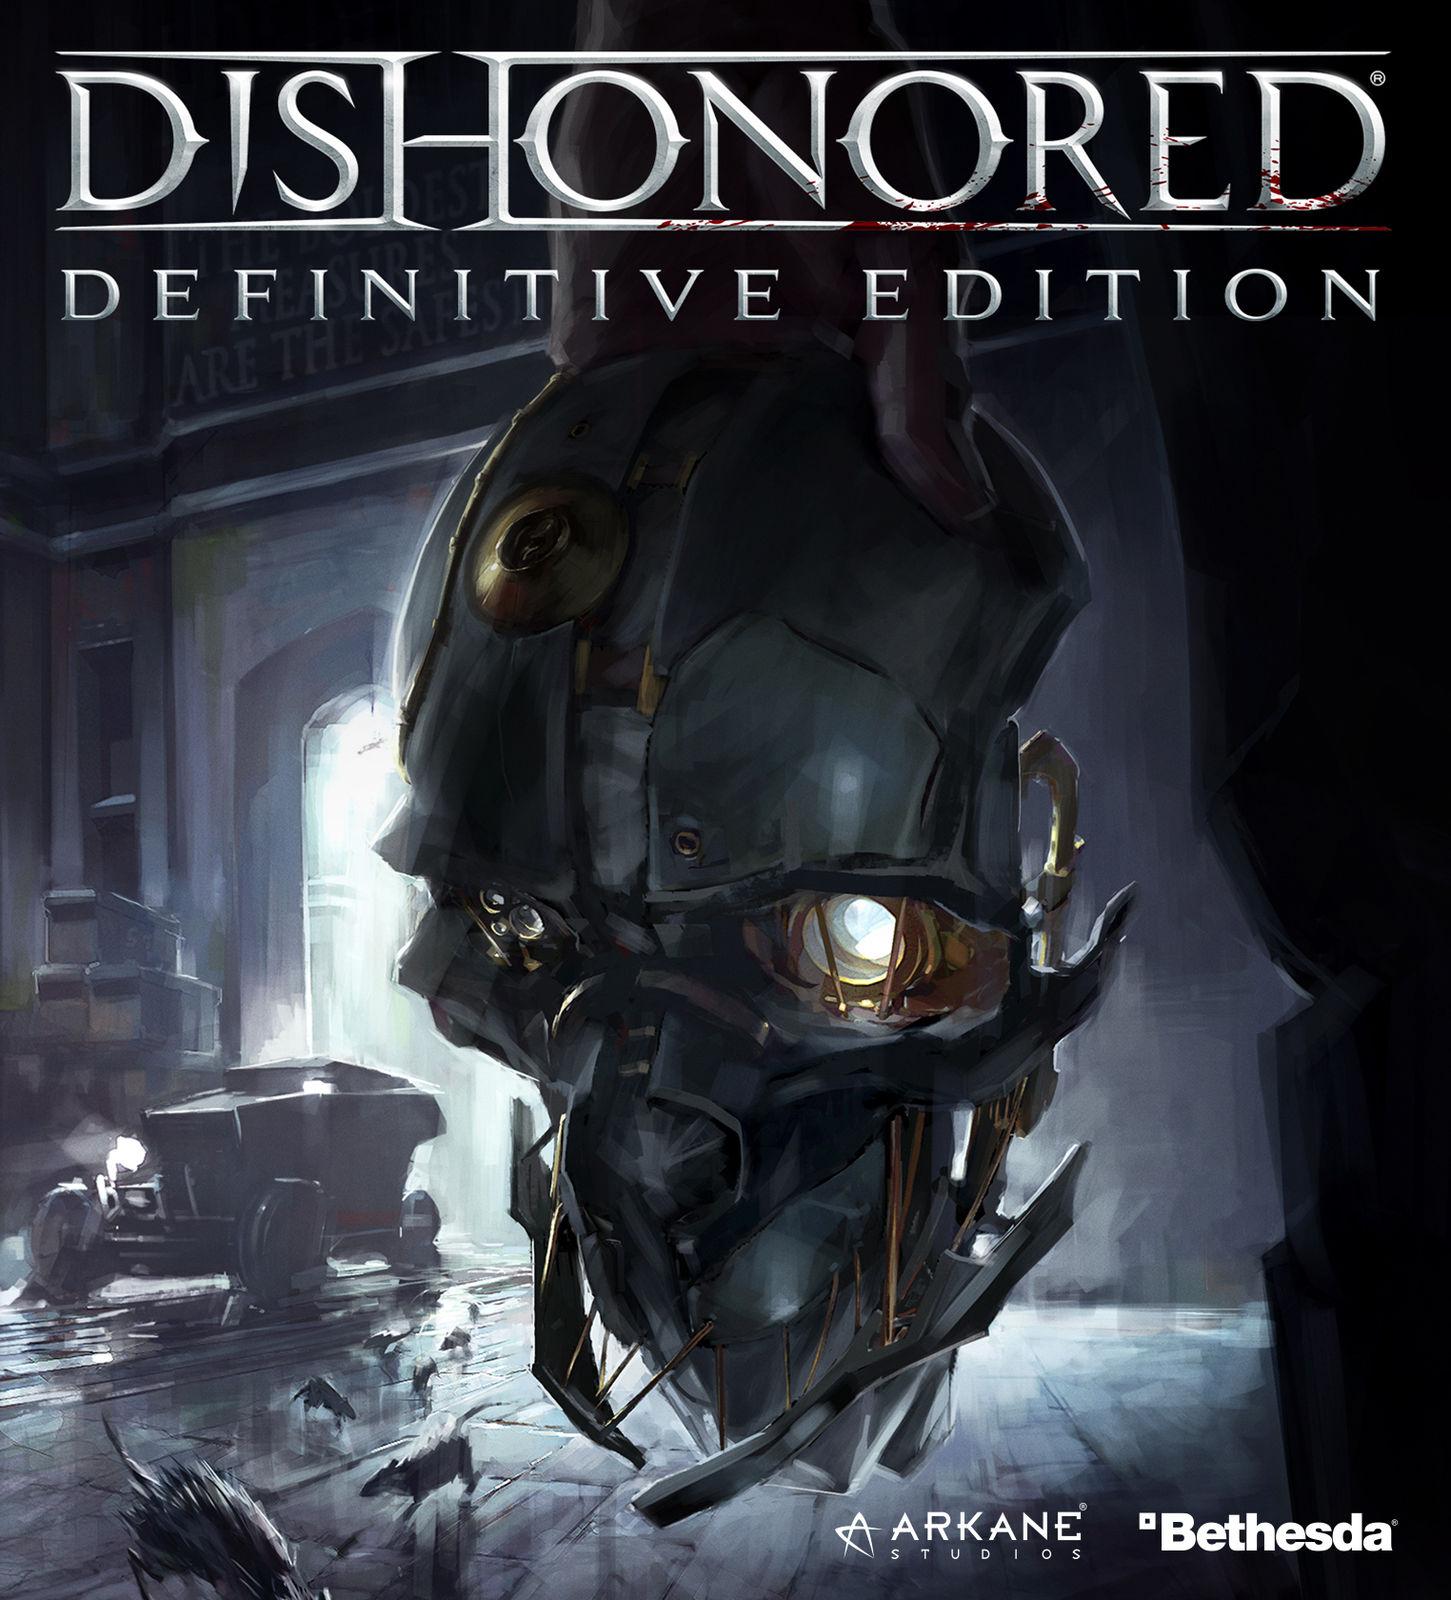 Фотография dishonored definitive edition (steam) ru/cis